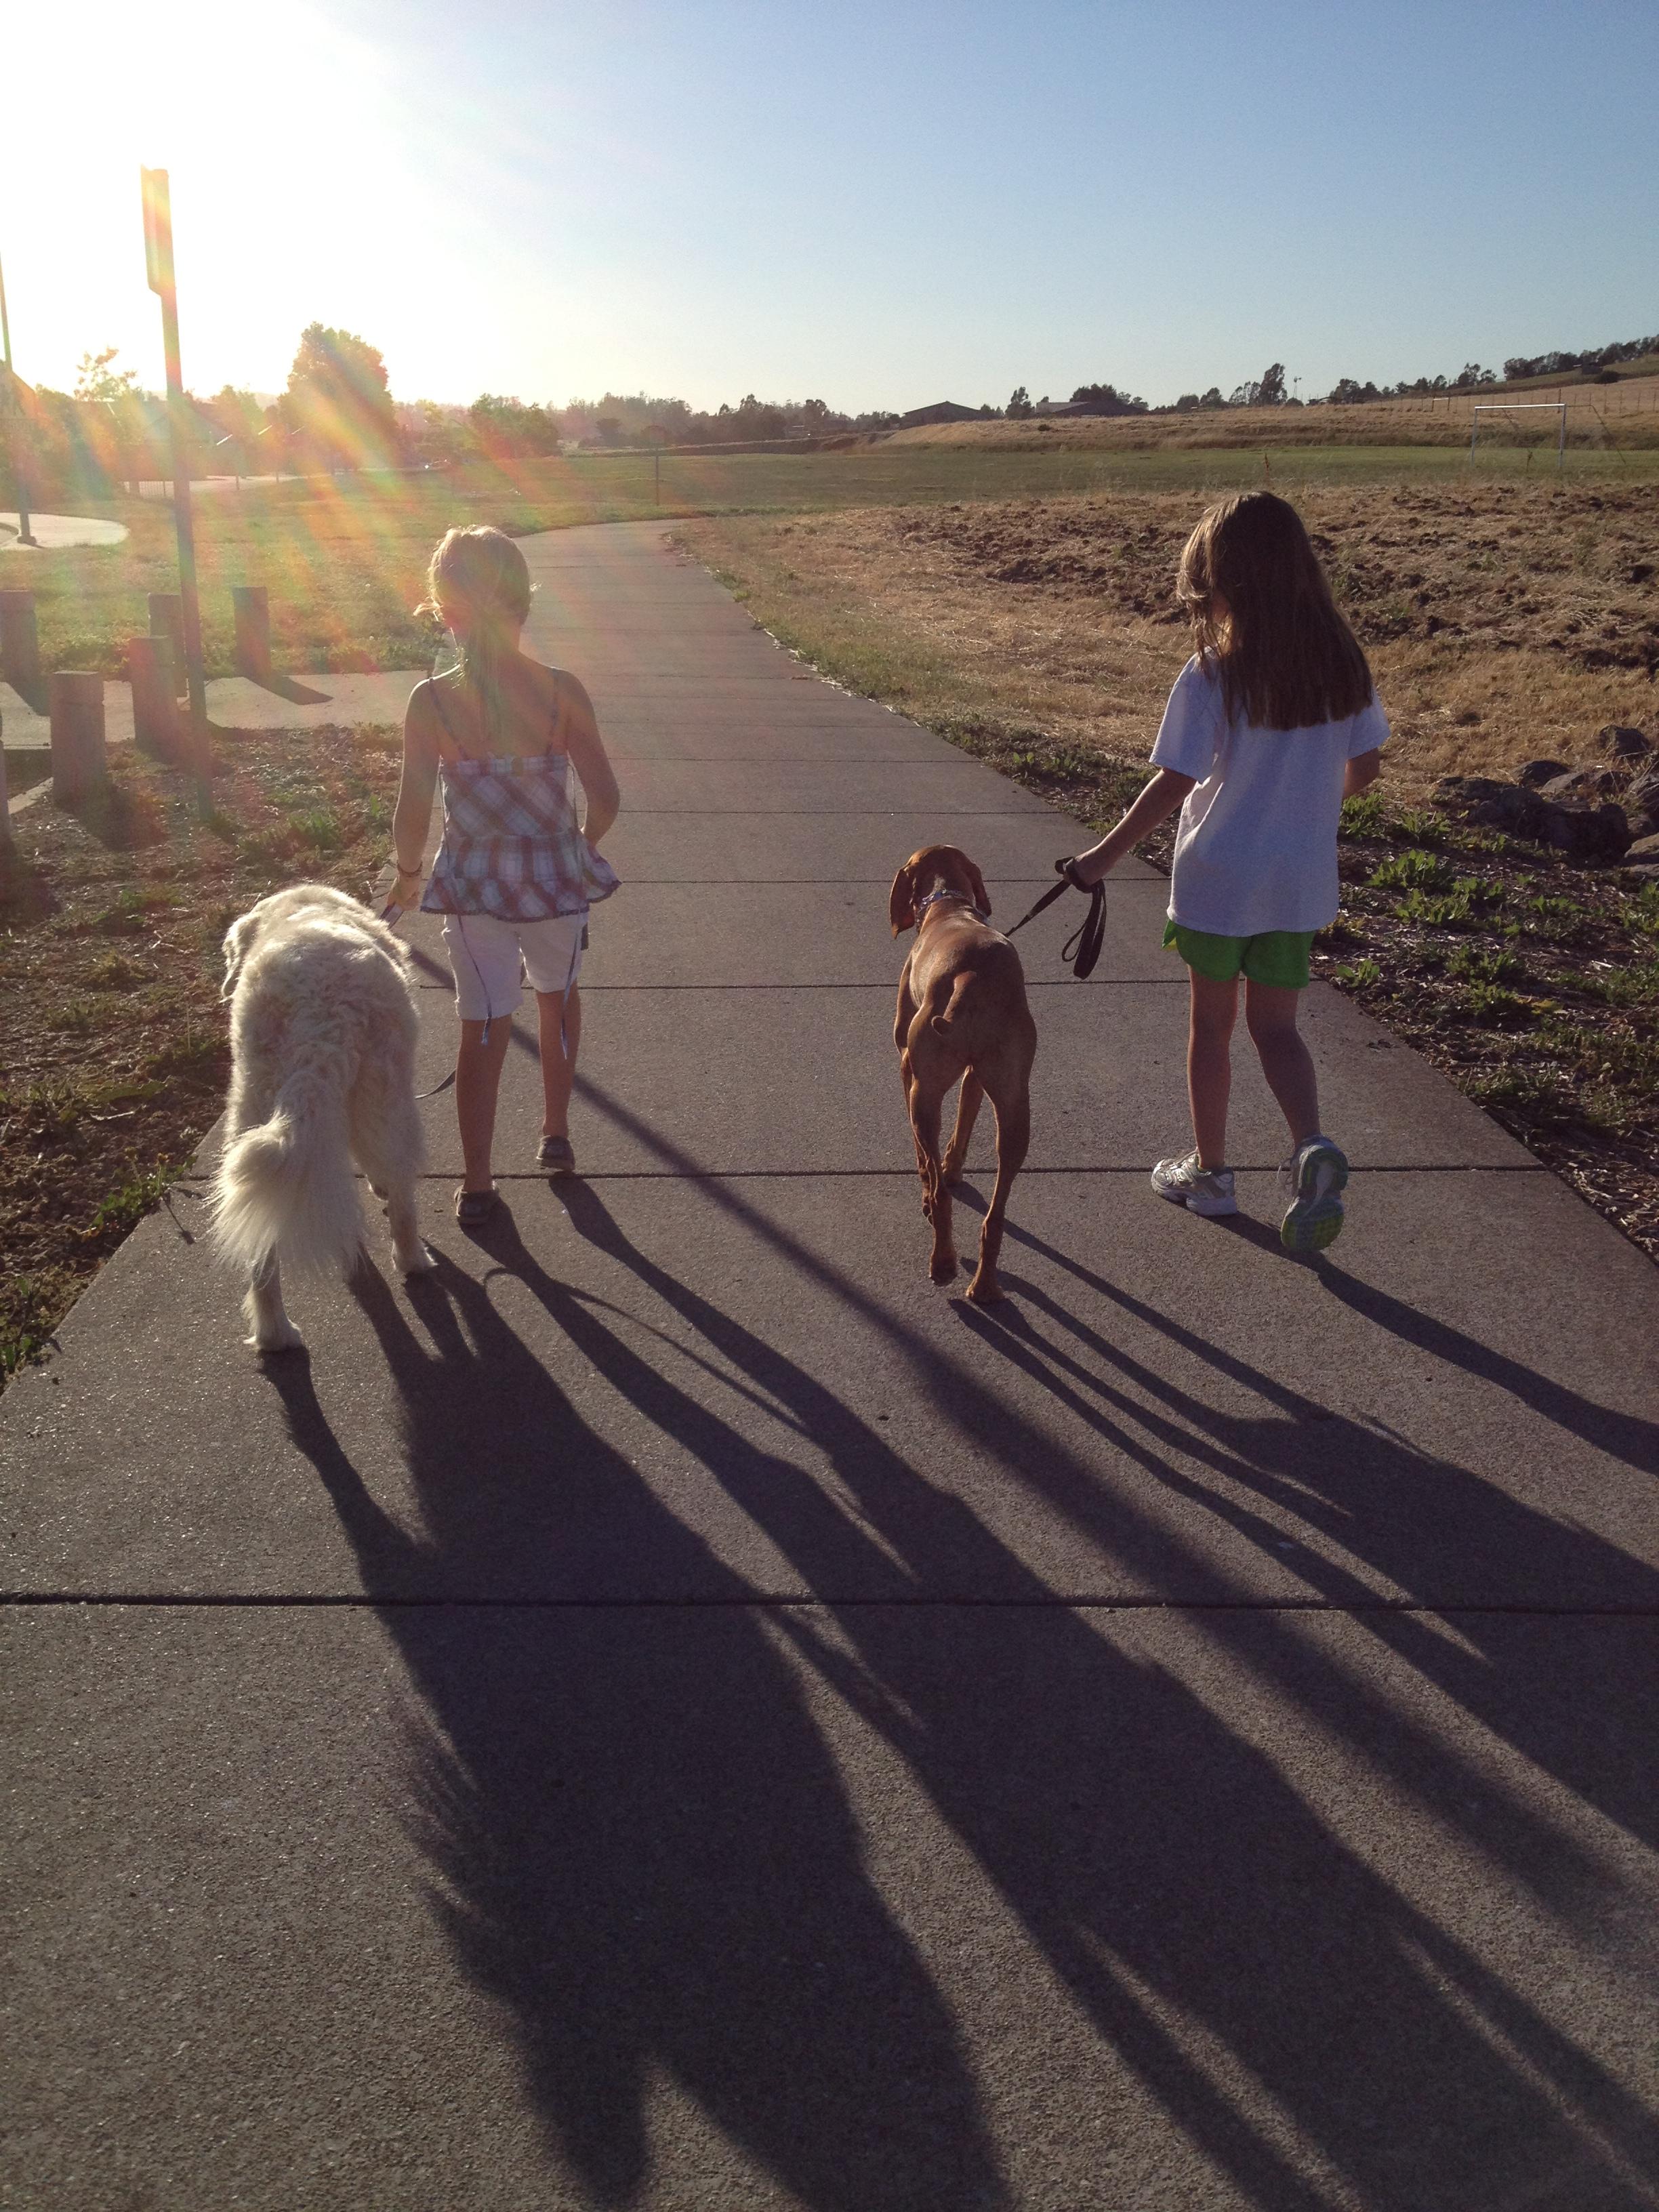 Girls walking dog